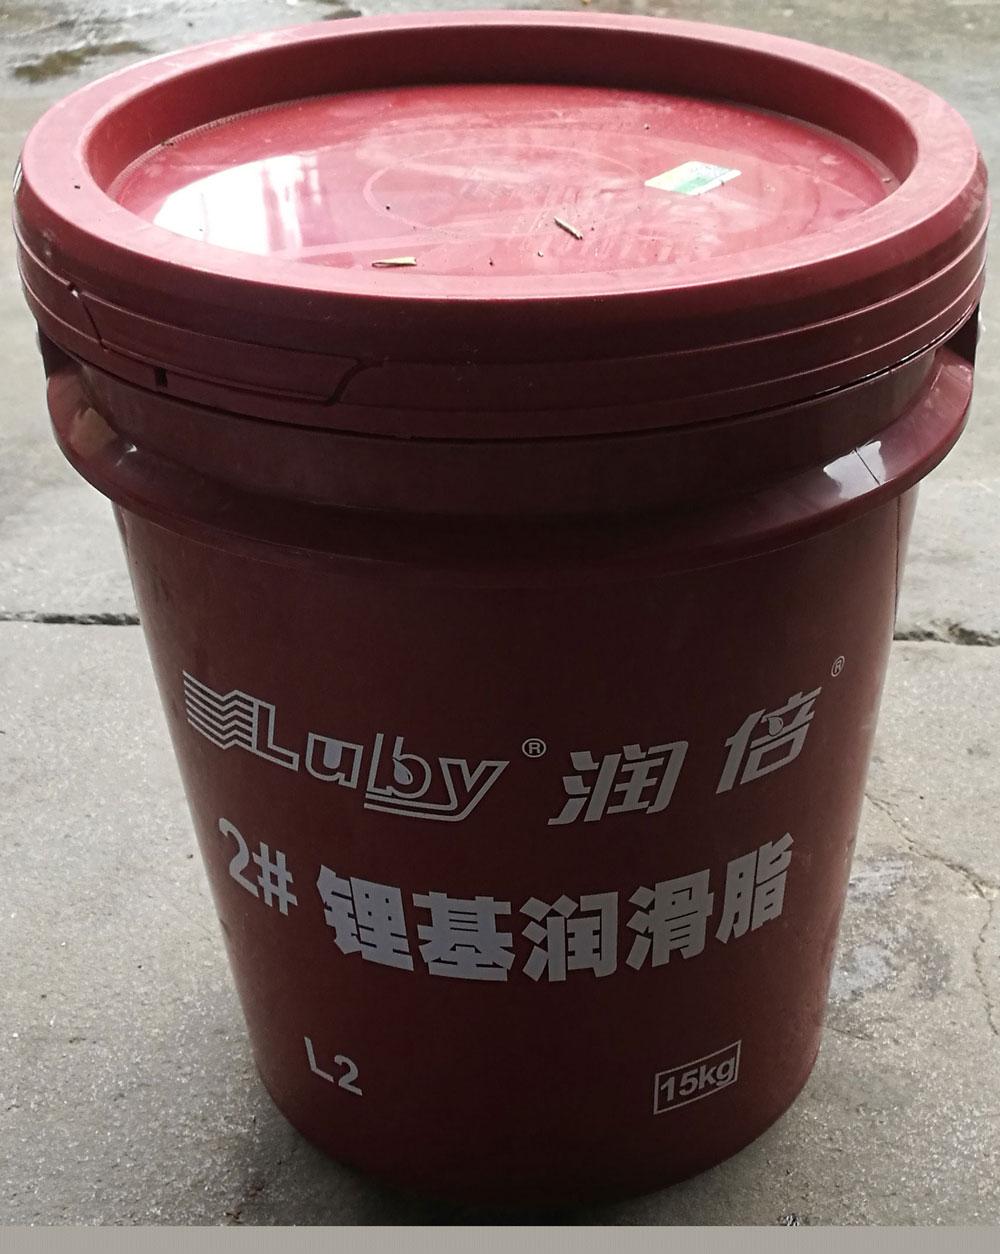 安徽润倍轴锂基脂总经销(合贵源)